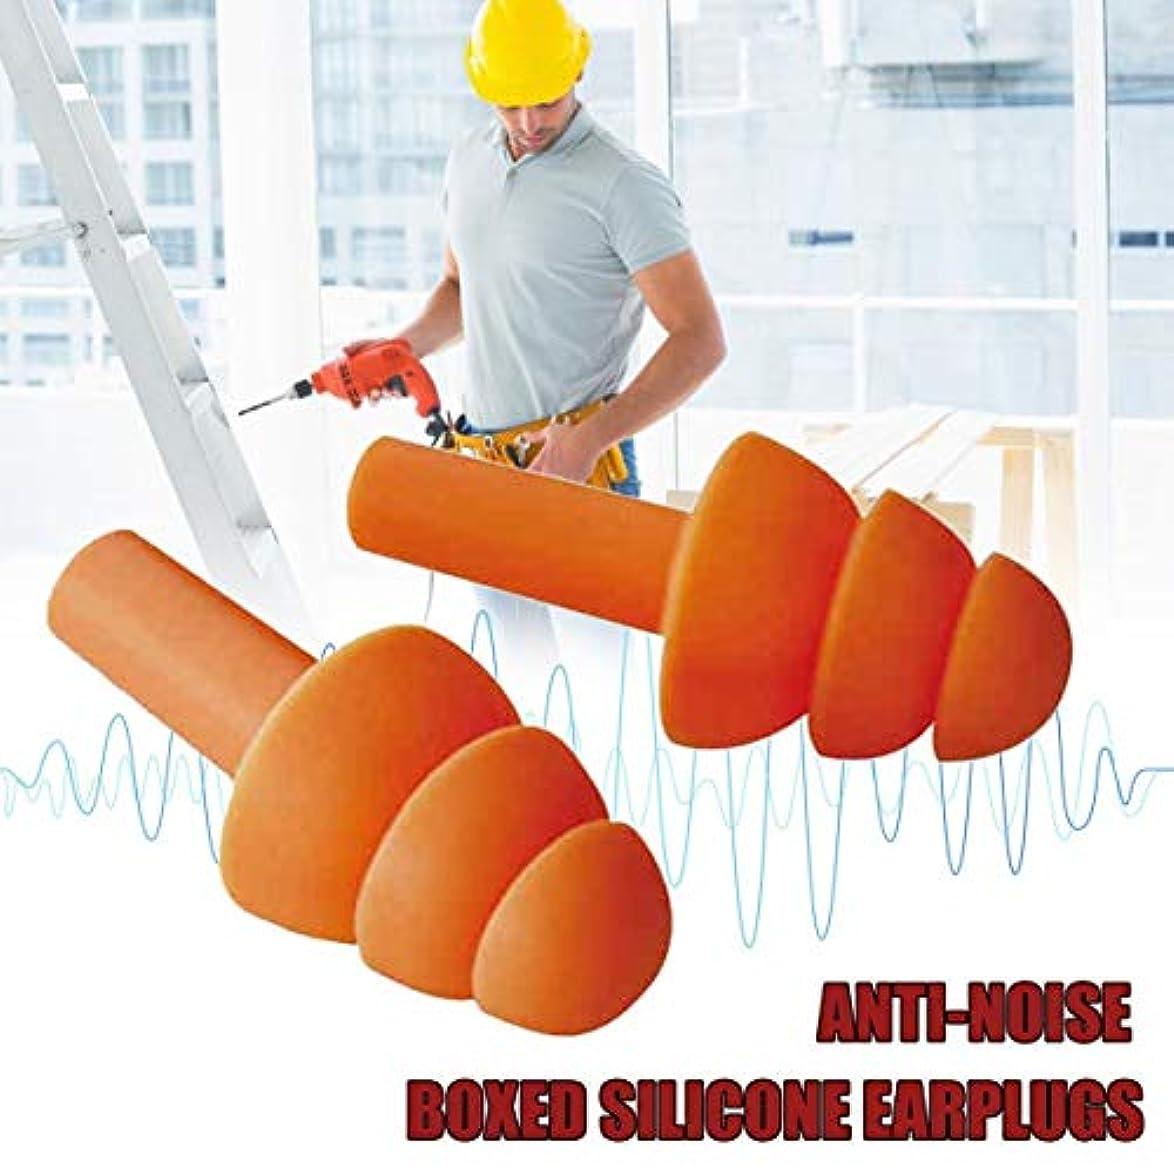 バルブ生活増幅する柔らかいシリコーンの耳栓の健全な絶縁材の耳の保護の耳栓の騒音低減の収納箱が付いている睡眠のプラグ